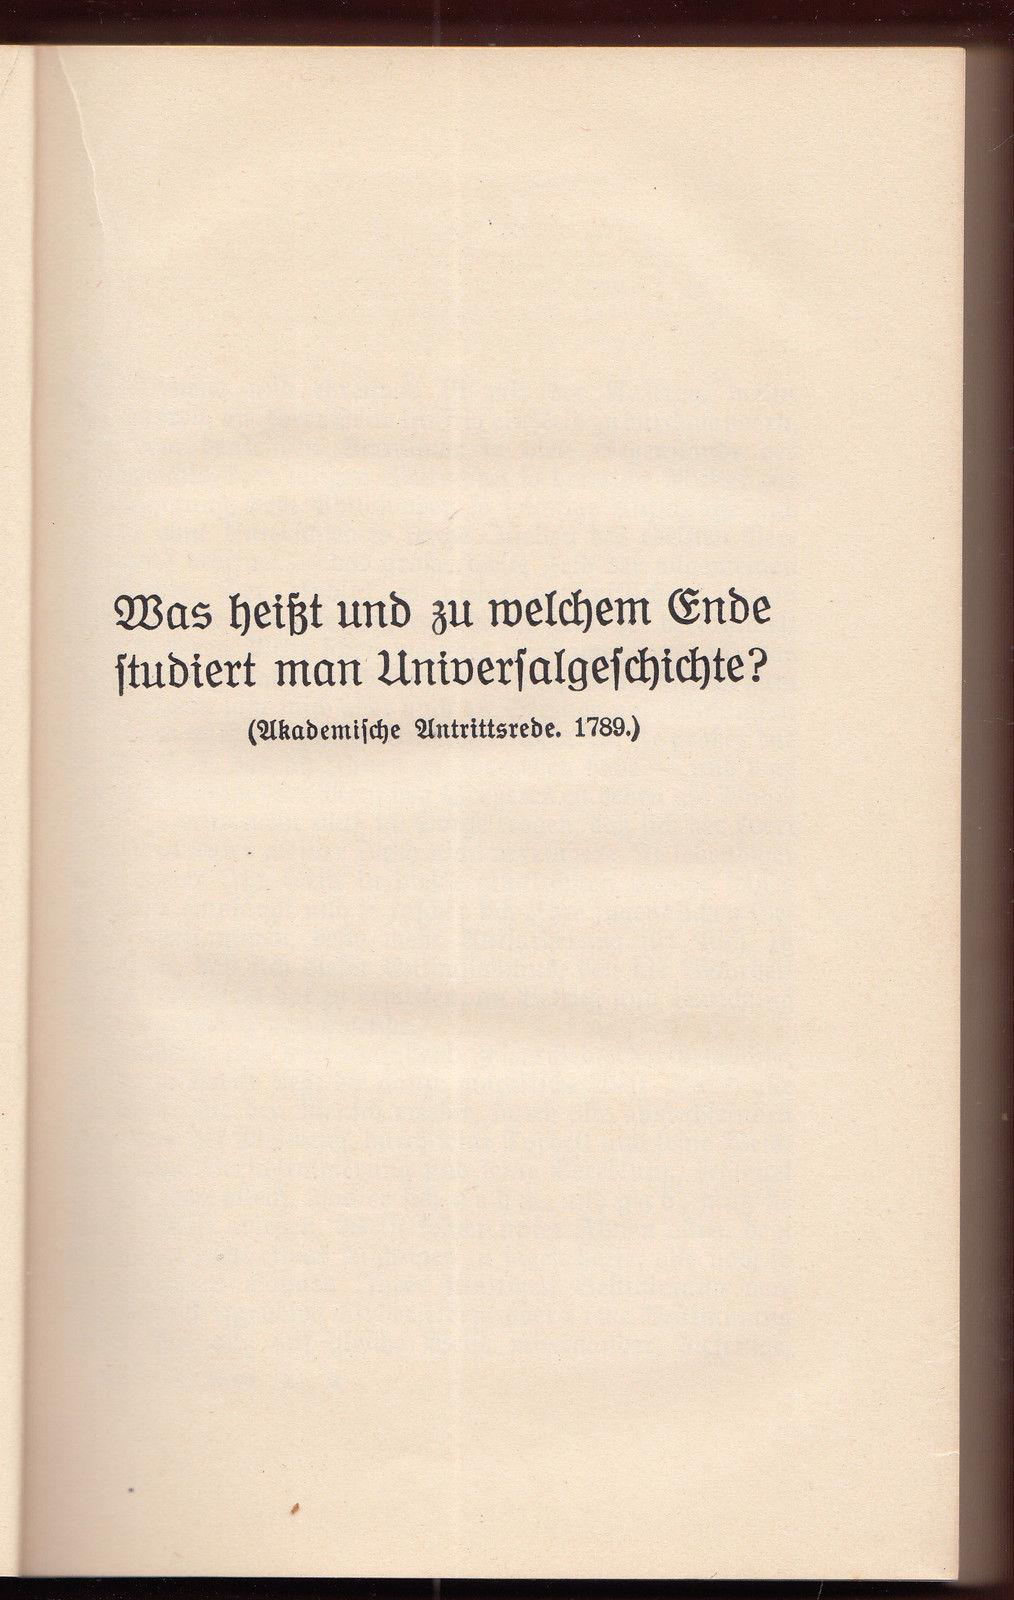 004 Essay Example Friedrich Schiller Schriften Vol Werke Ger Philosophy History Essays Awful Full